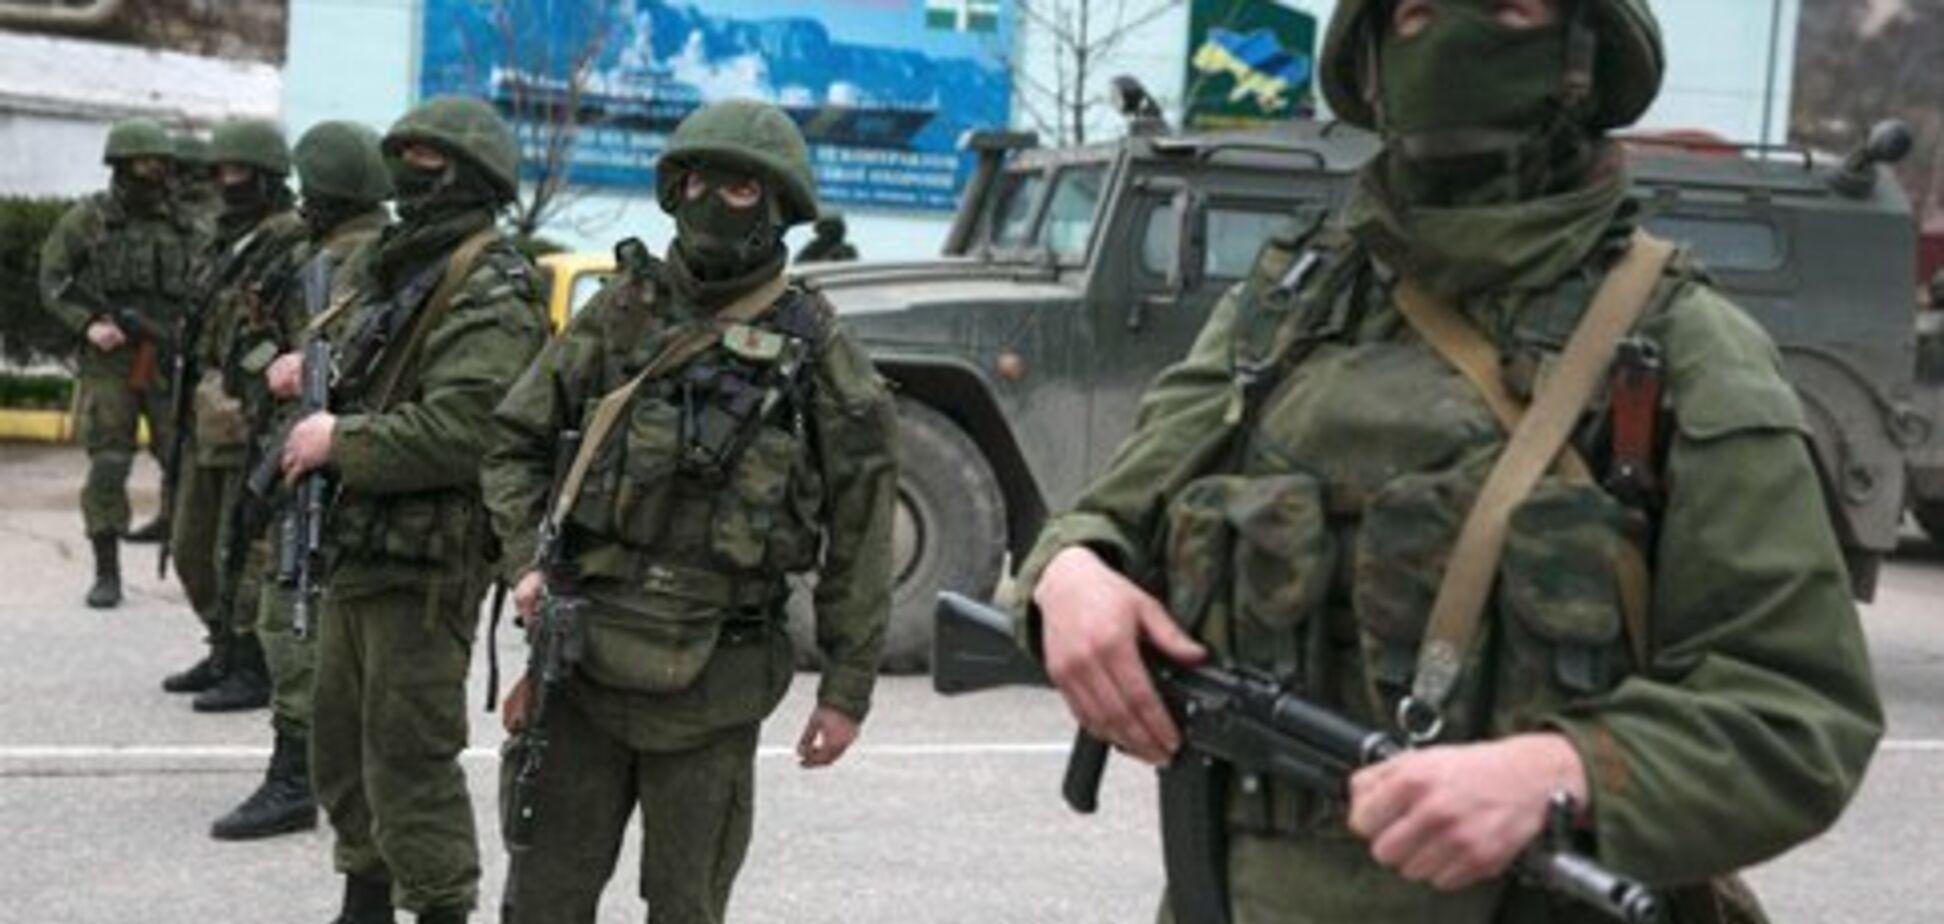 Россия стащила много вооружения в Крым: разведка США показала тревожные кадры